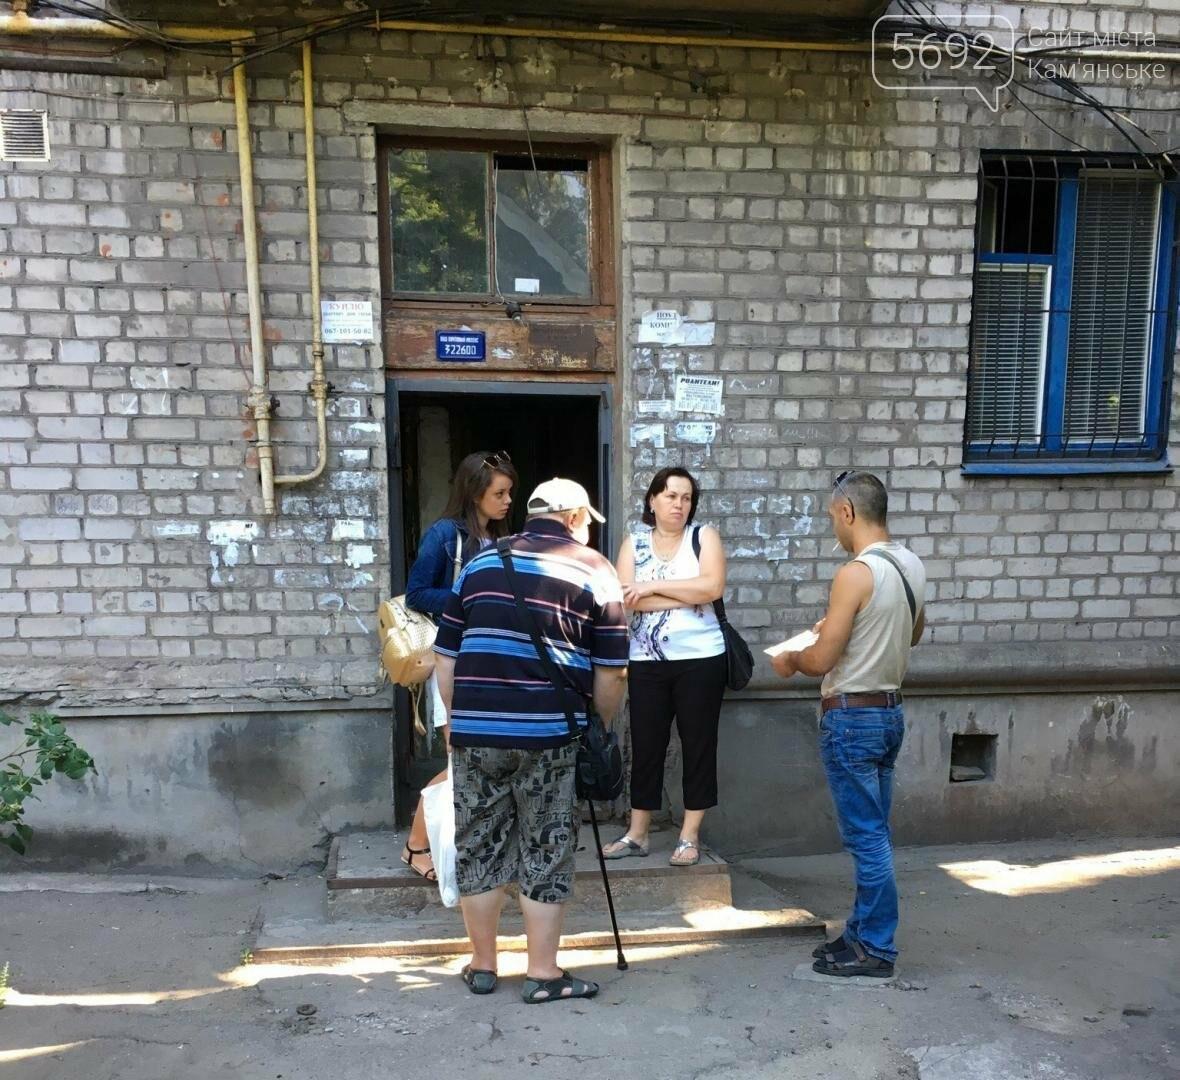 В Каменском из-за воды в подвале проседает дом на Мурахтова, фото-3